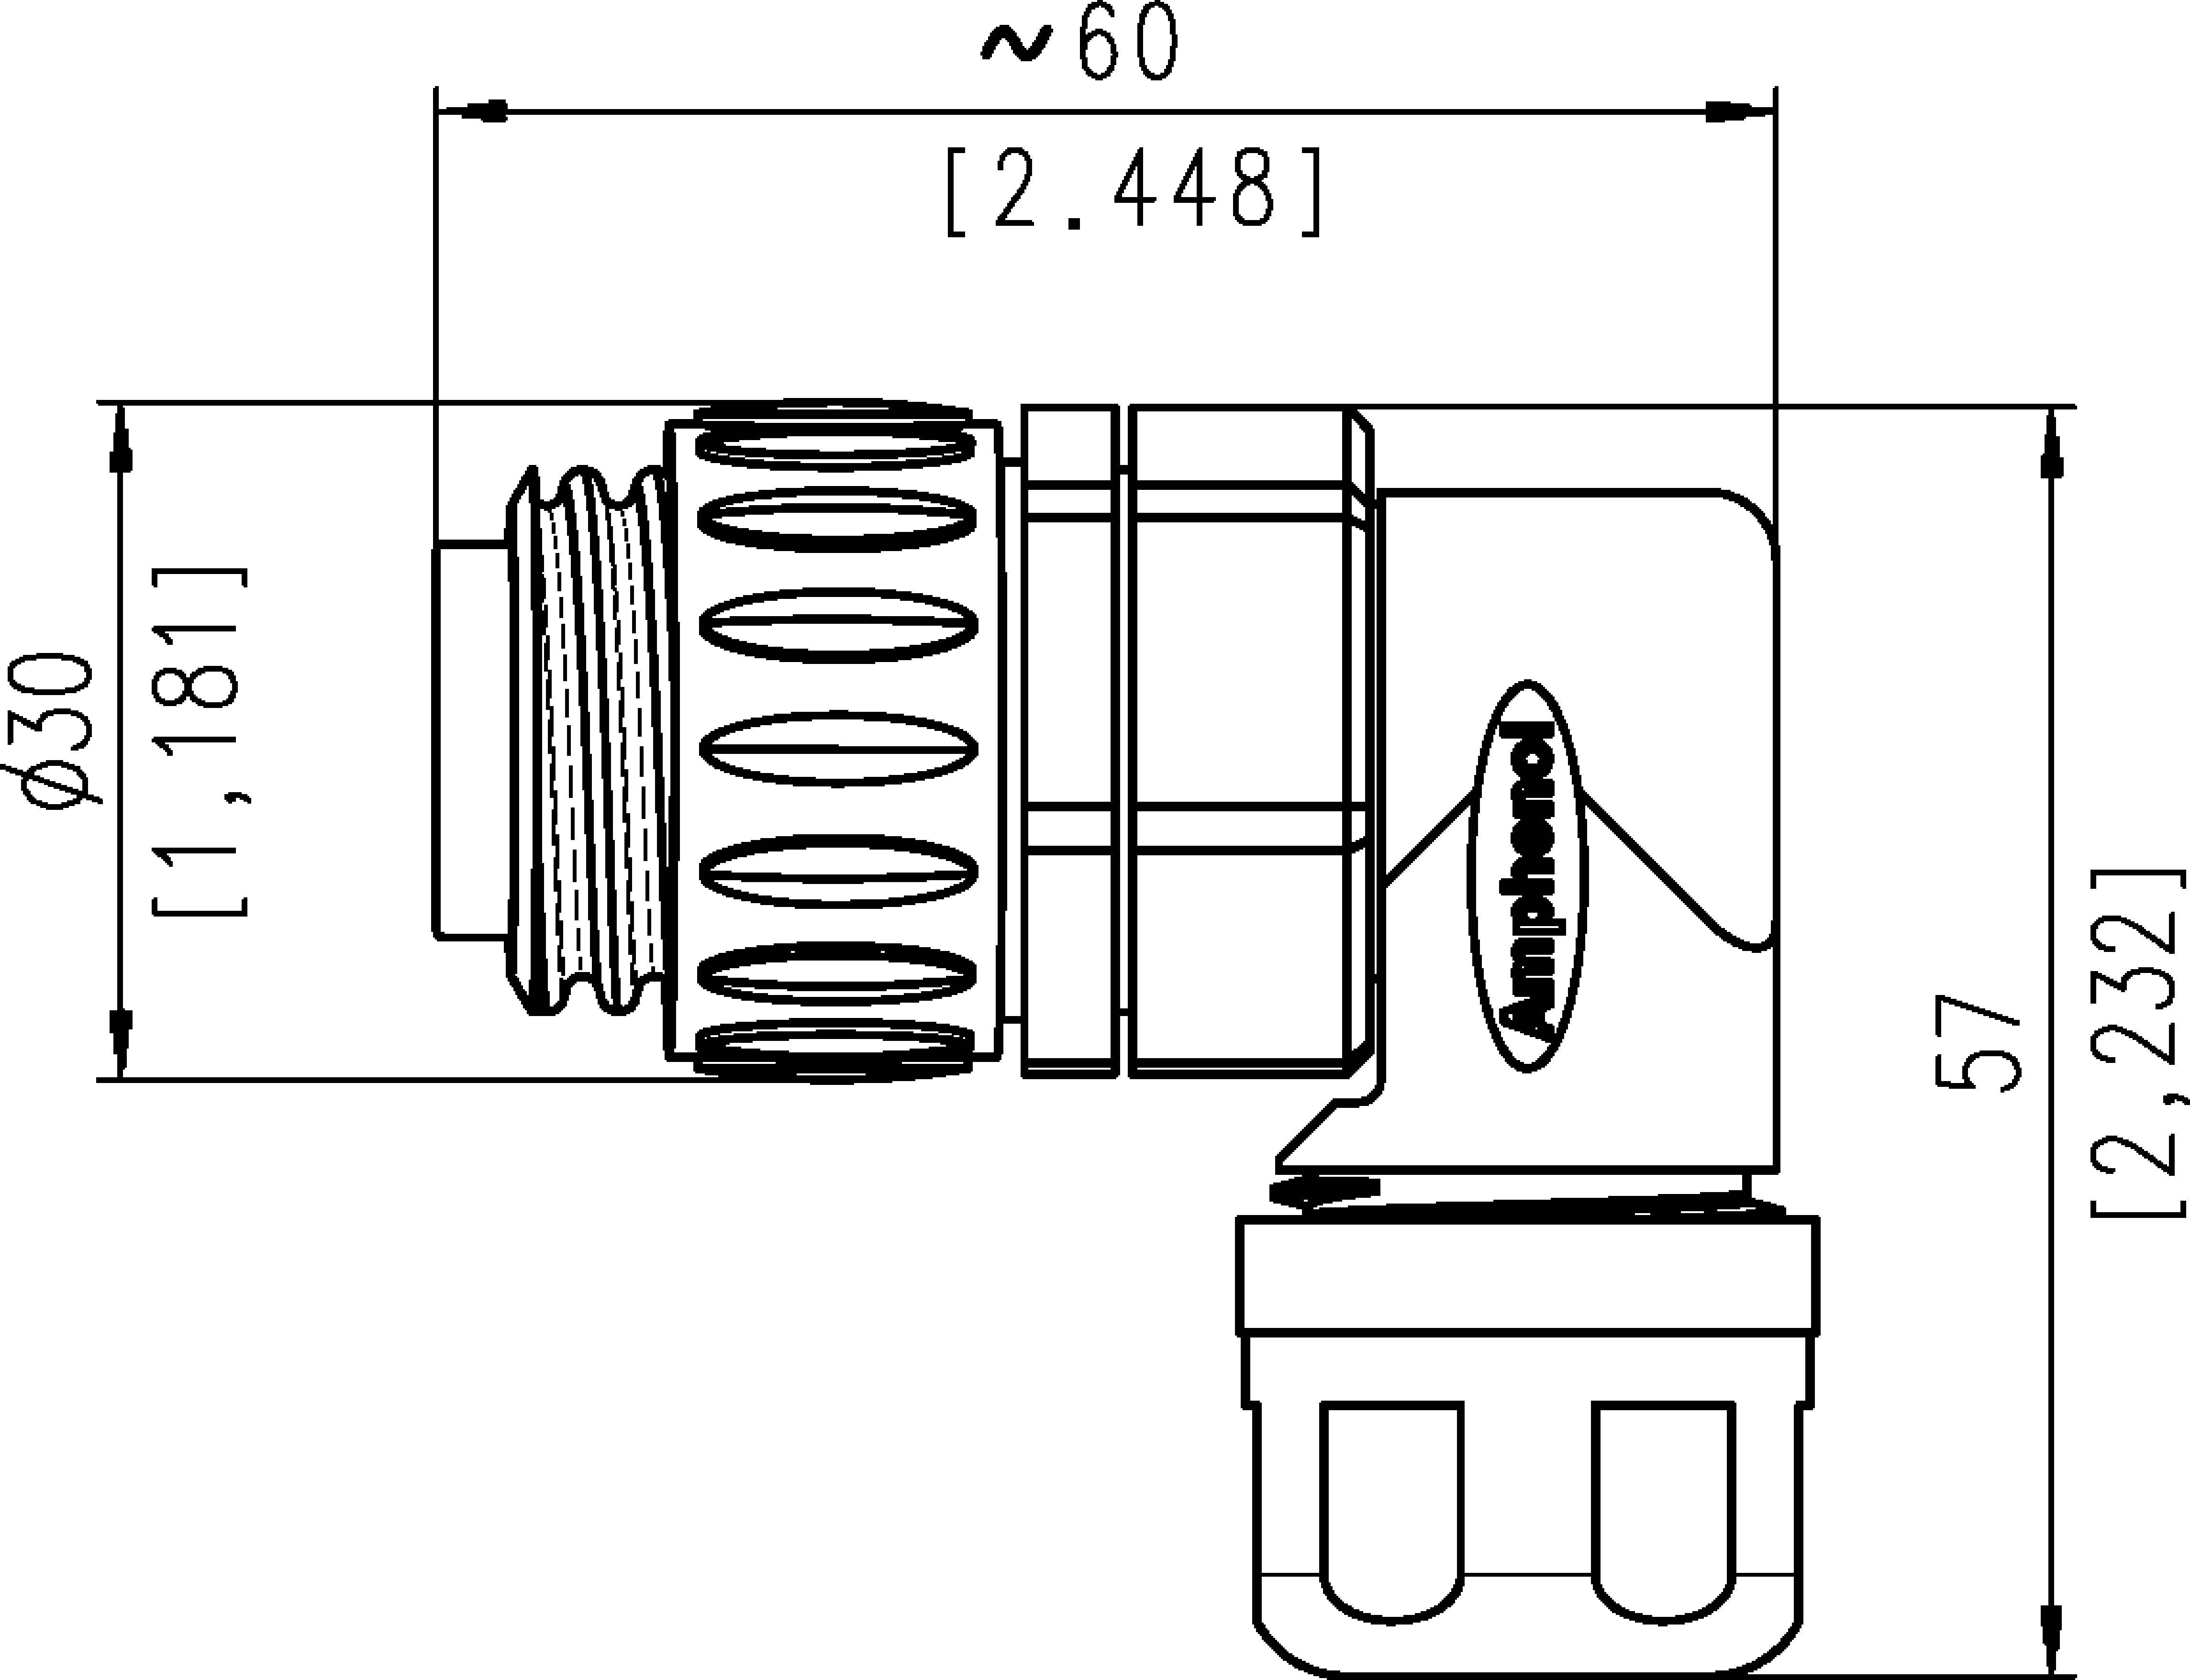 Kabelová zásuvka úhlová 6+PE Amphenol C016 30F006 100 12, černá